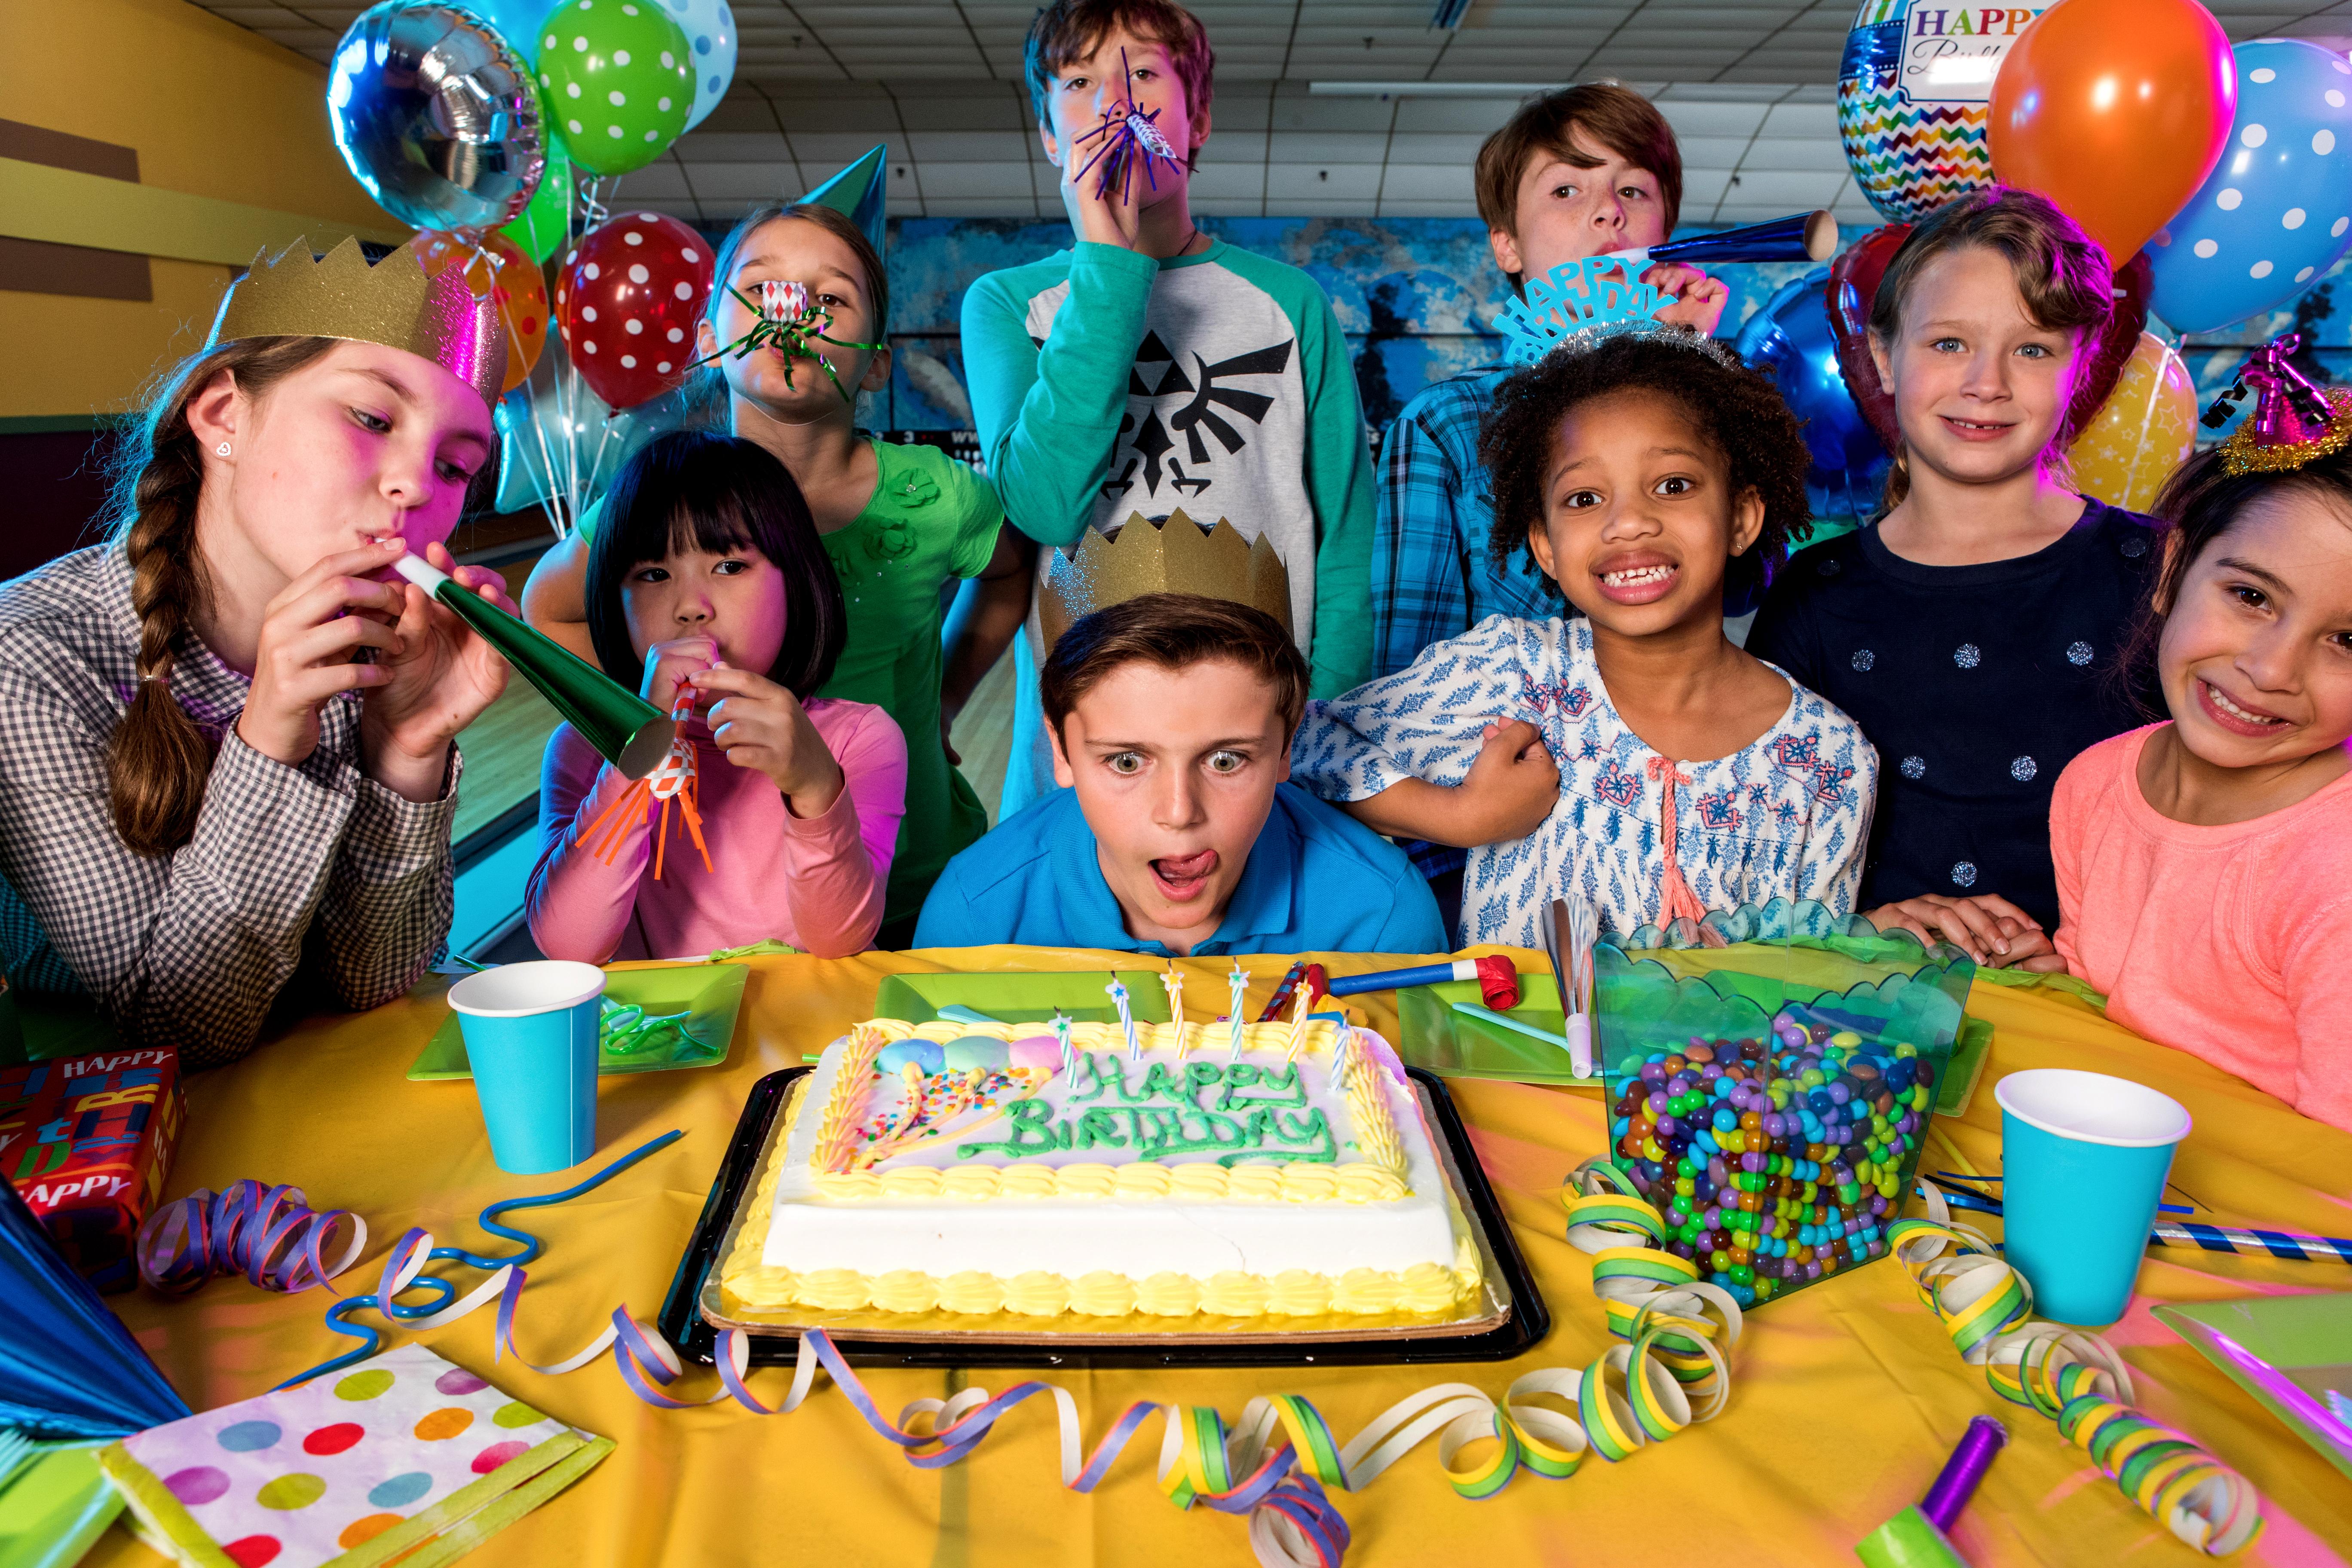 170528_Birthday-Cake-_156_YE53982